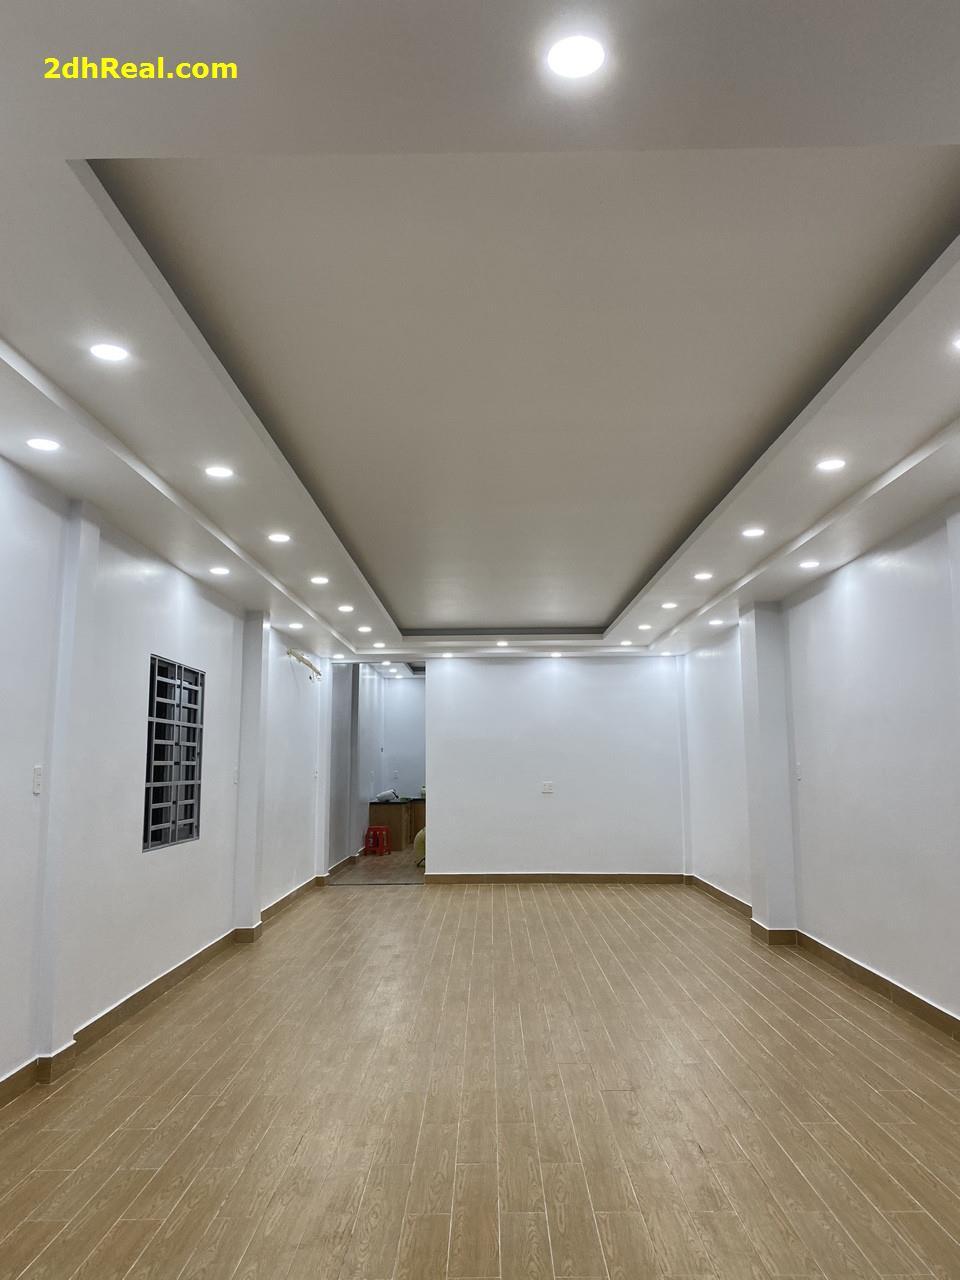 Bán nhà mặt tiền đường Đào Duy Từ, P.5, Q.10,4.3x 20m, 1 lầu, 23.5 tỷ